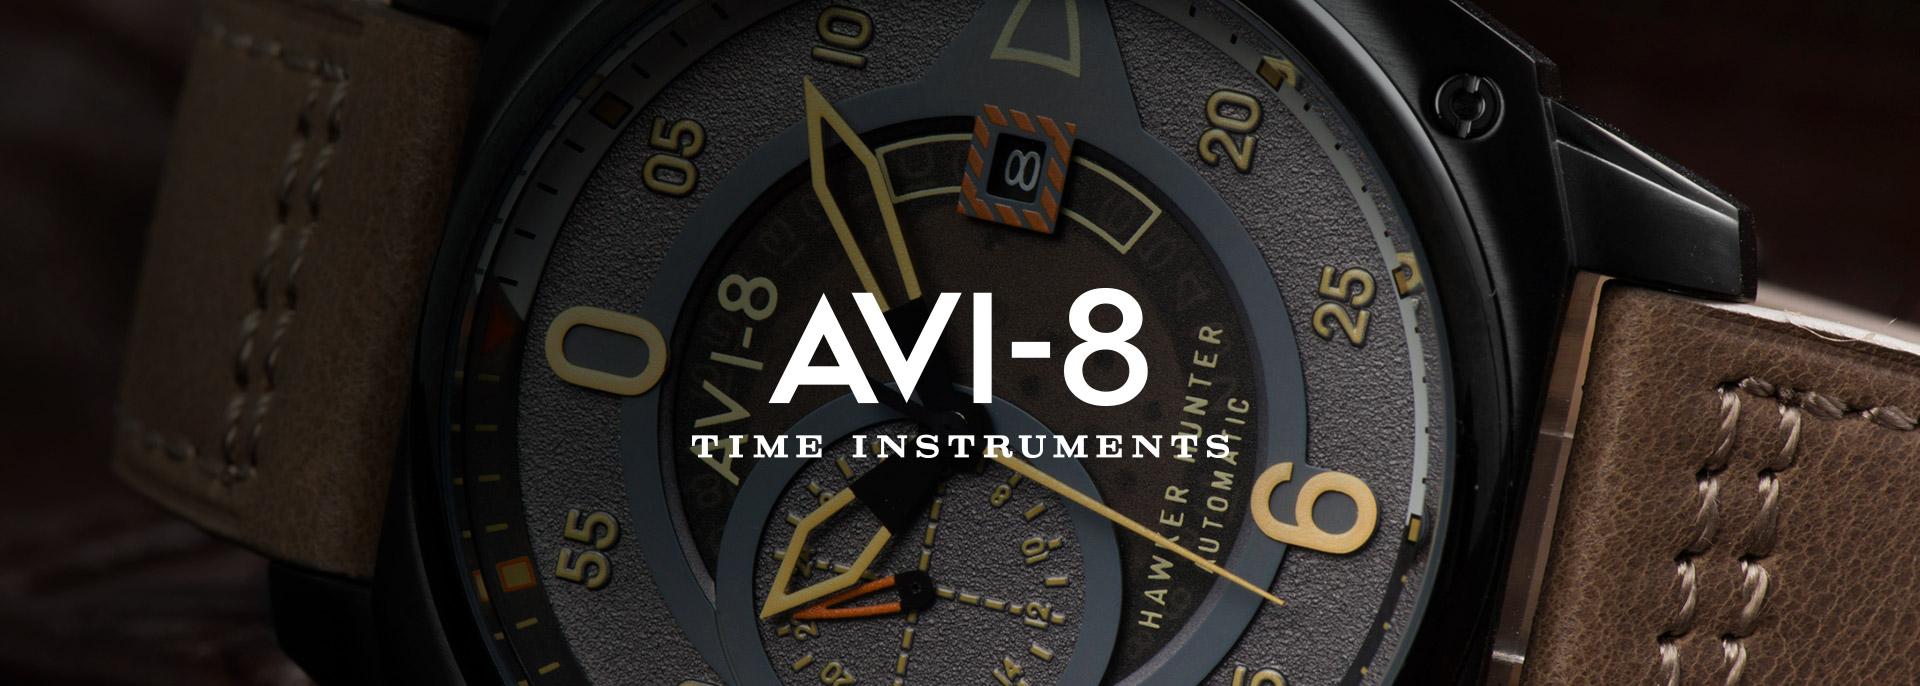 AVI-8_Slider_Fullhd_01